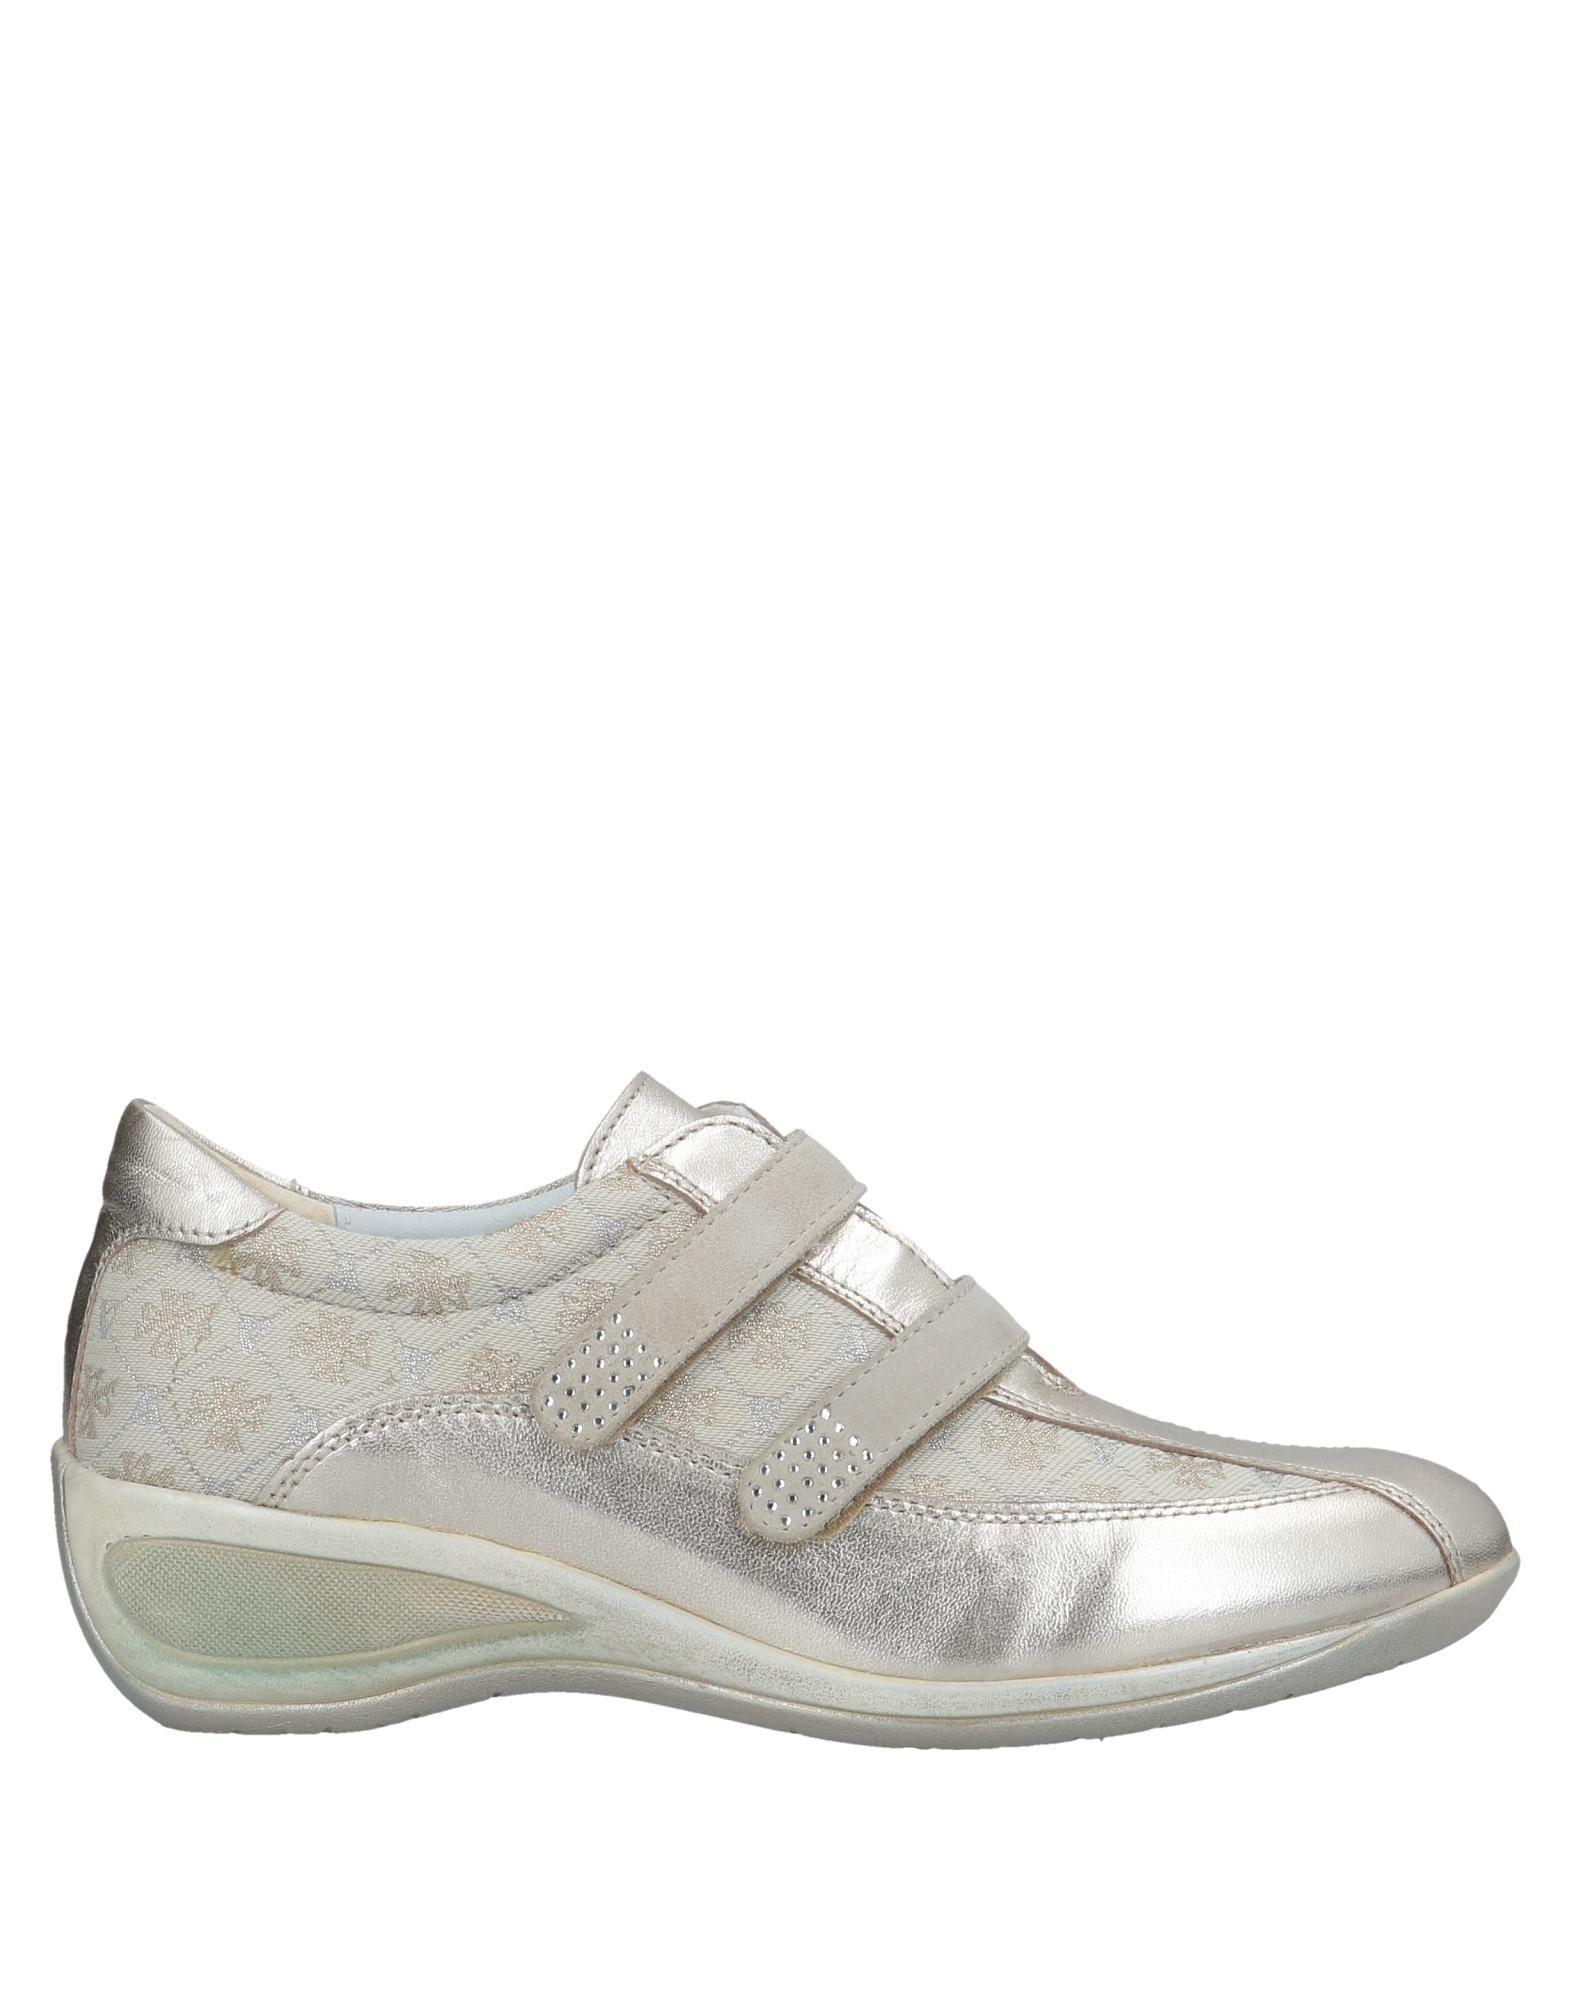 Valleverde Sneakers Damen beliebte  11553019CR Gute Qualität beliebte Damen Schuhe fb21e3